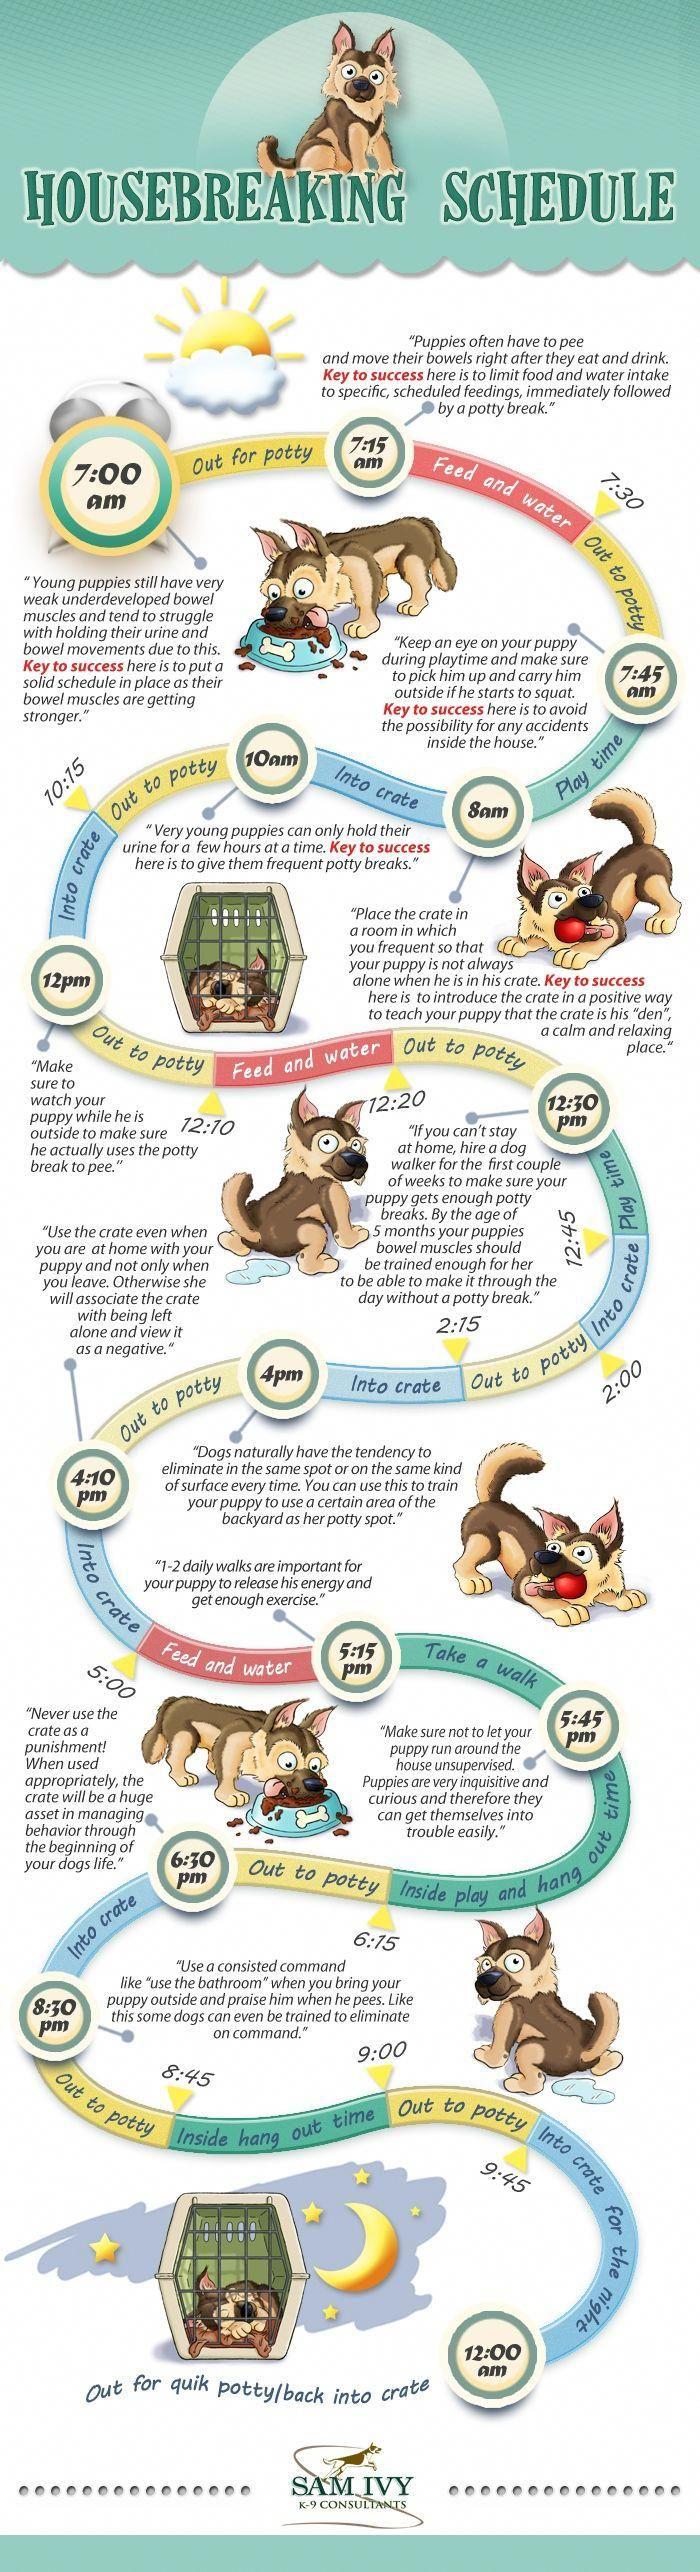 Sam Ivy K9 S Housebreaking Schedule Puppytrainingpotty Puppy